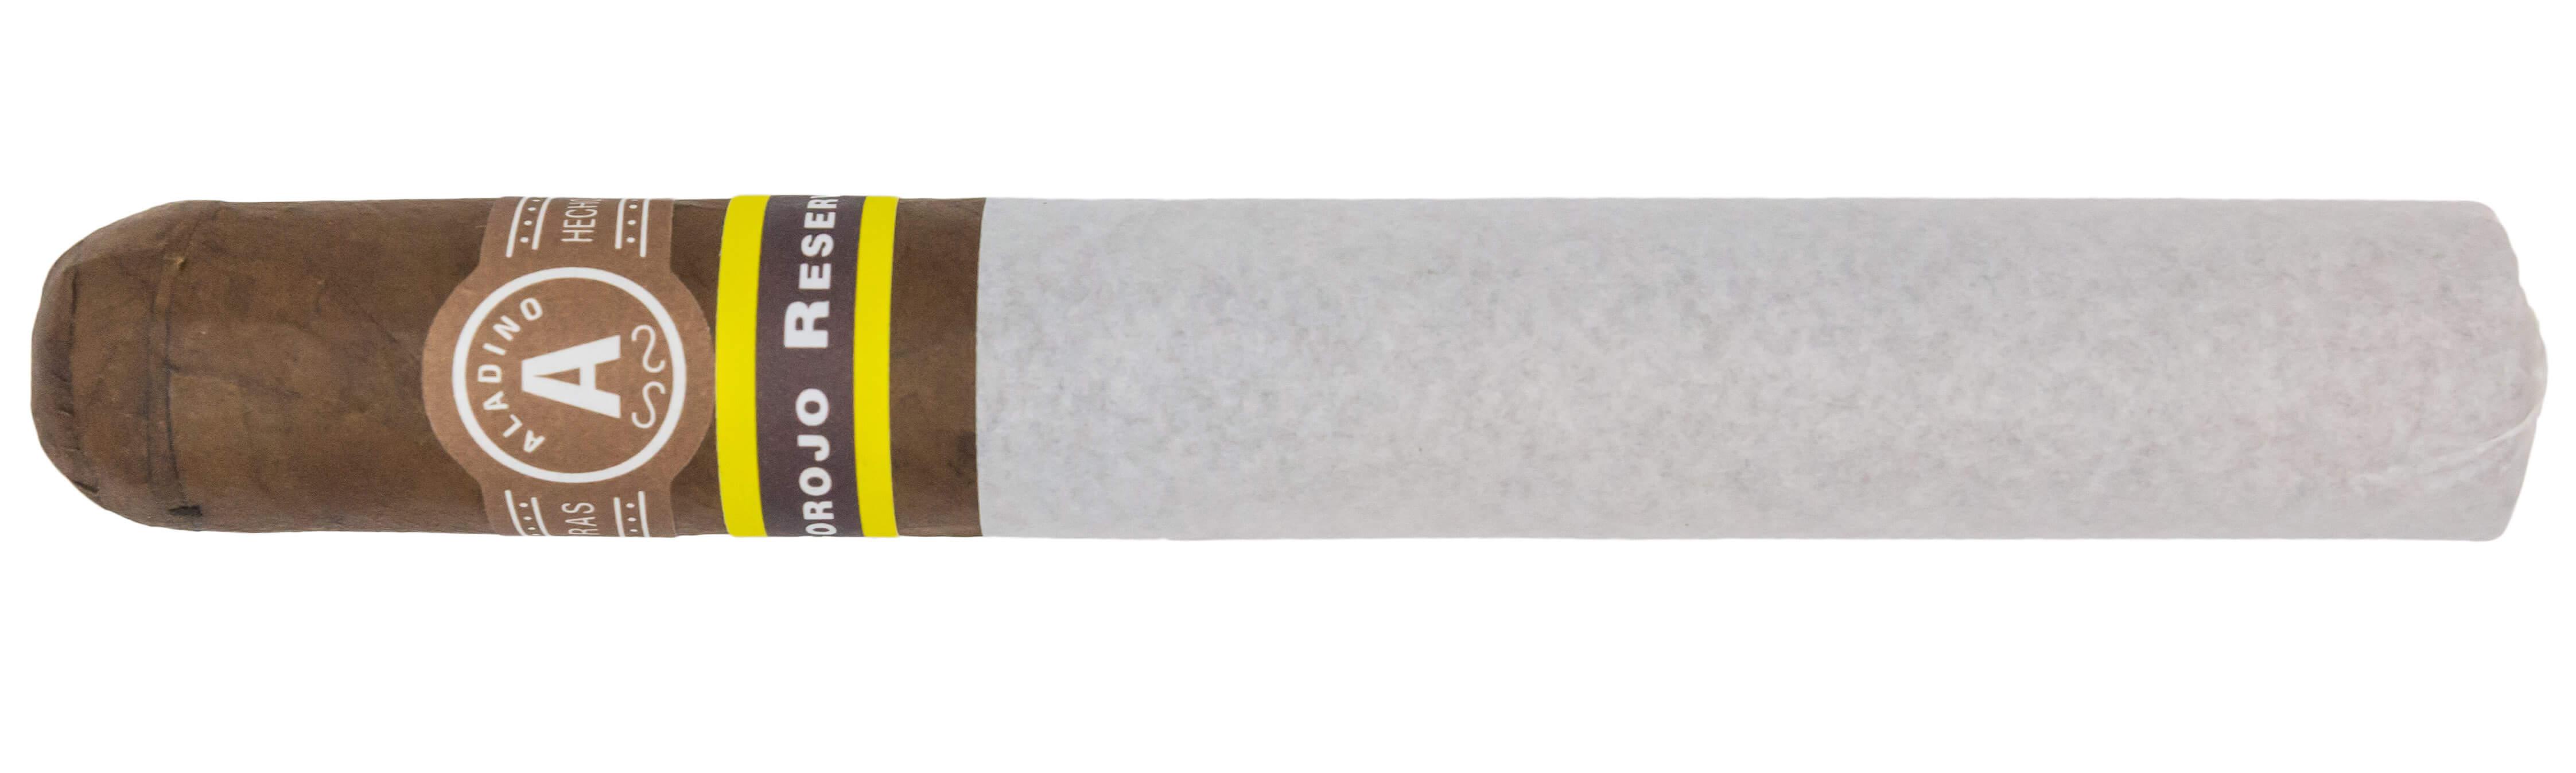 Blind Cigar Review: JRE | Aladino Corojo Reserva Toro